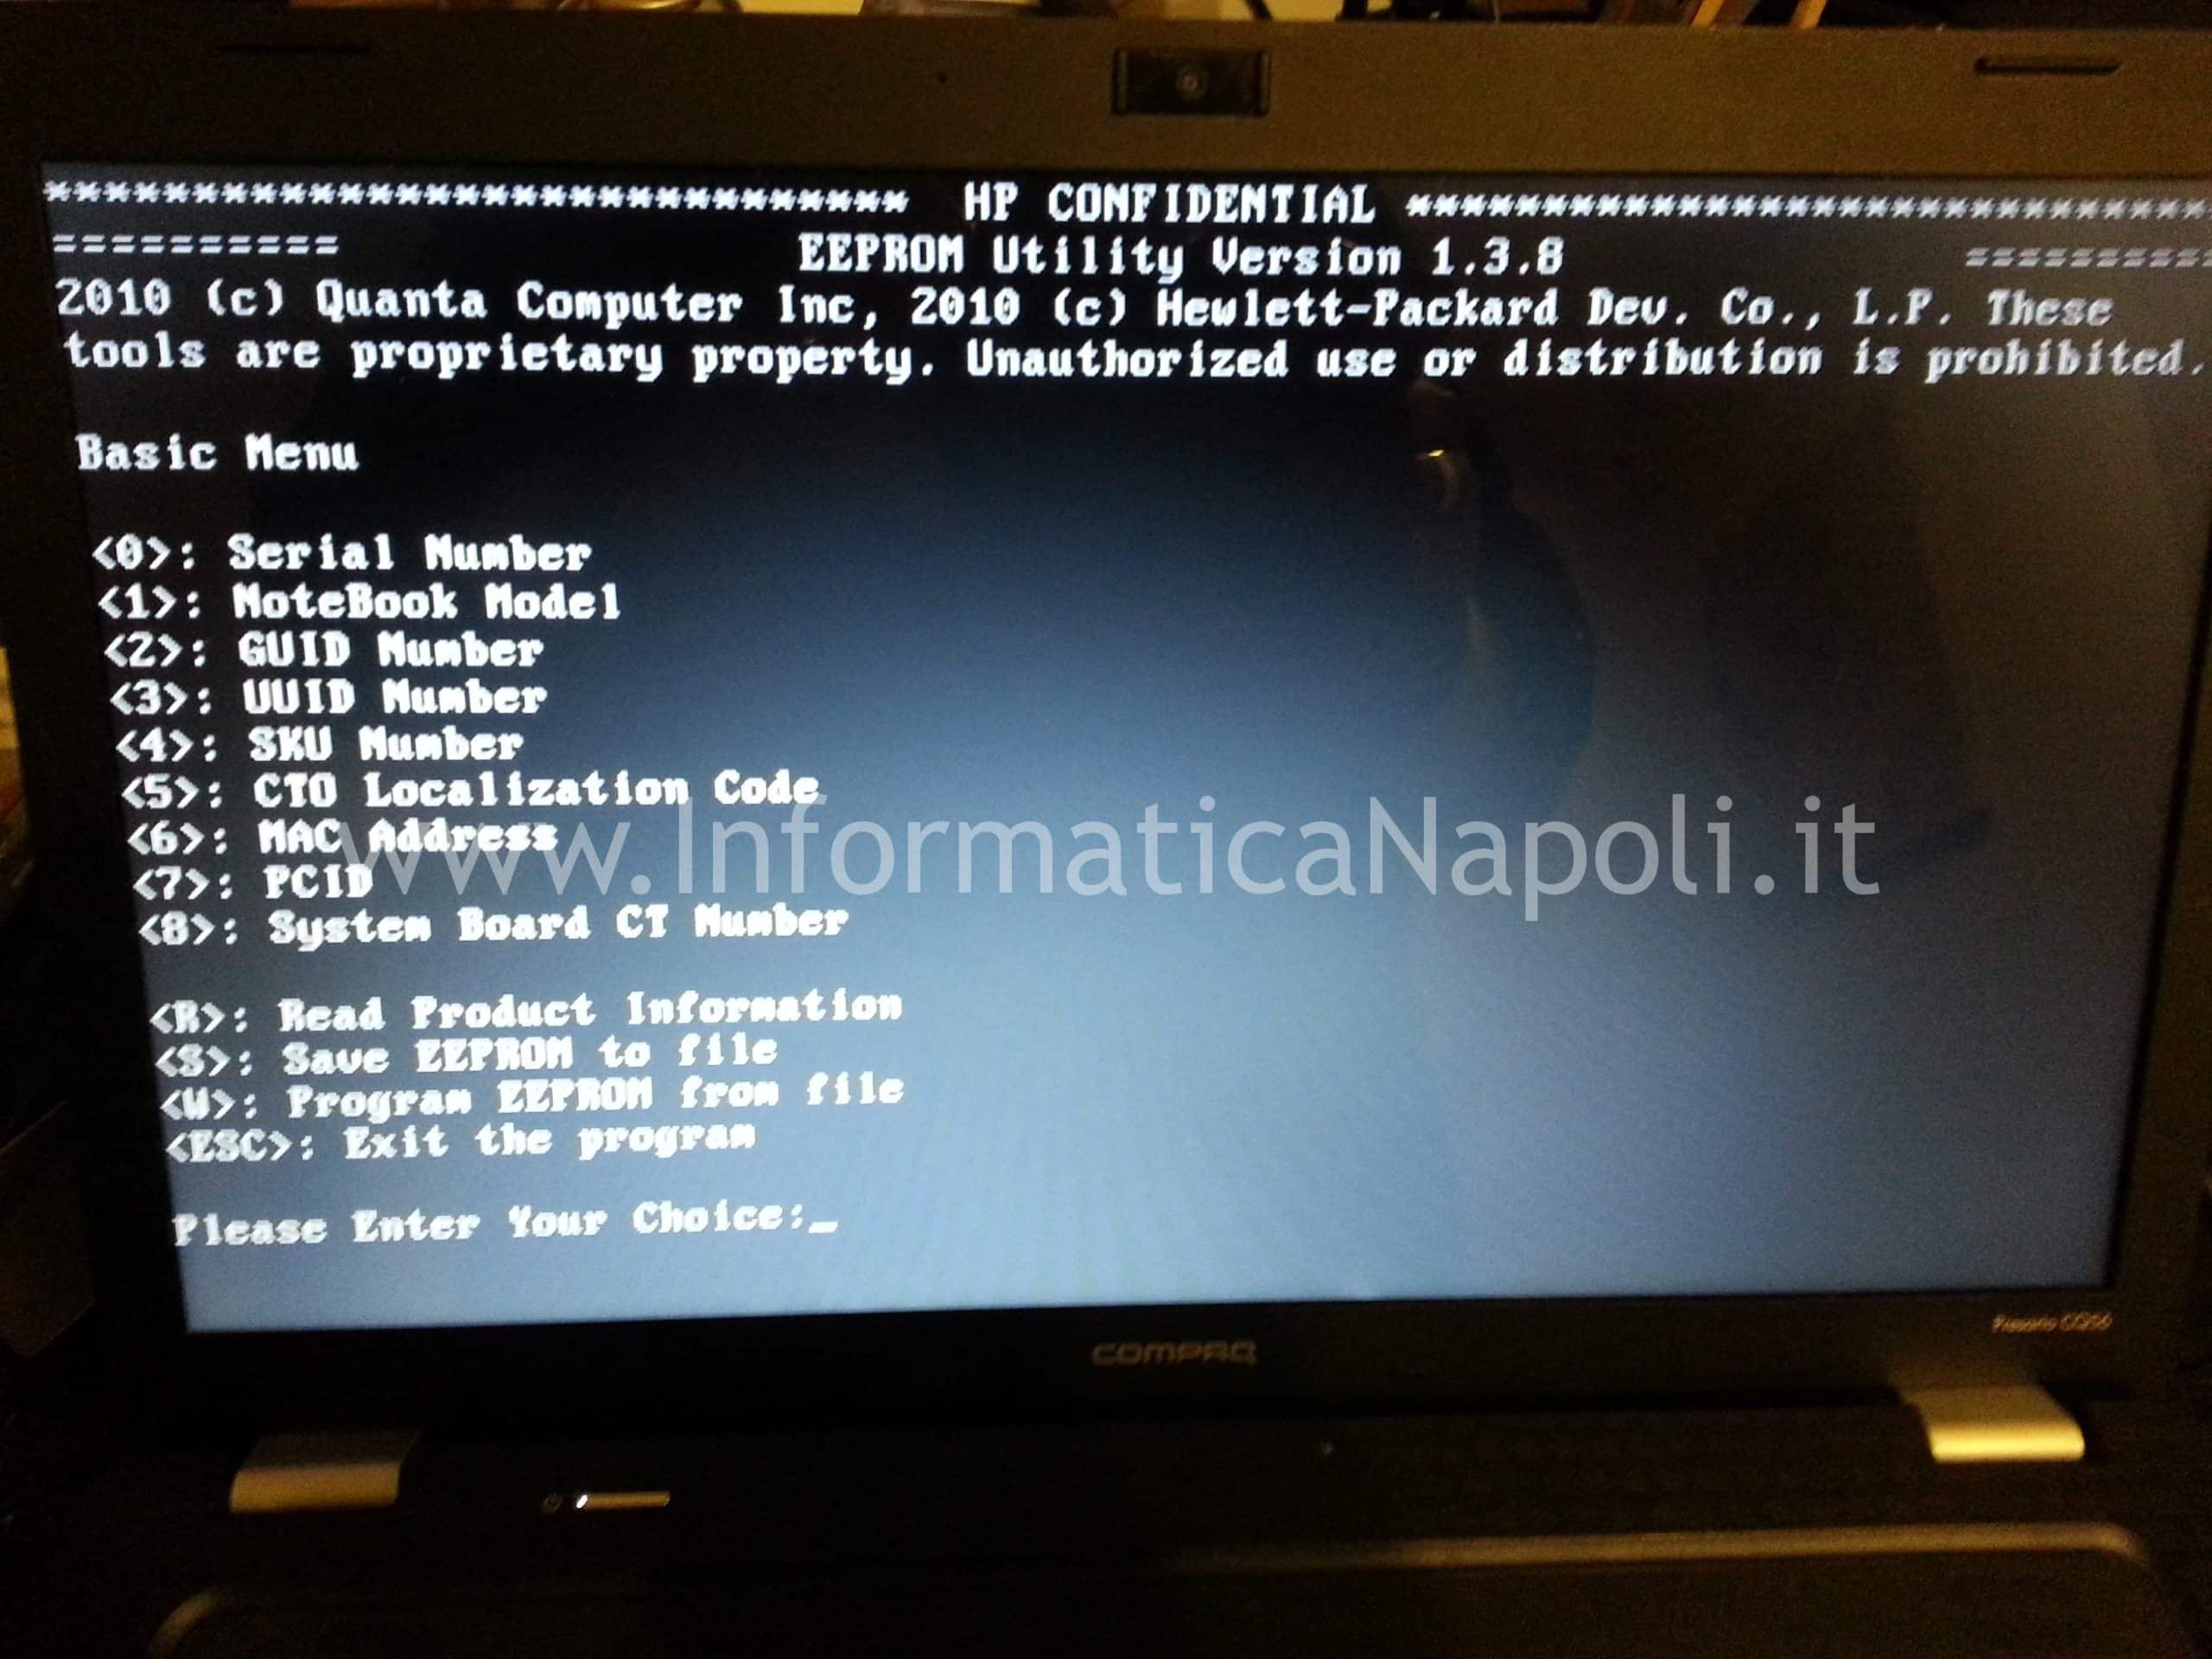 Dmifit tool and Hpbq138 exe